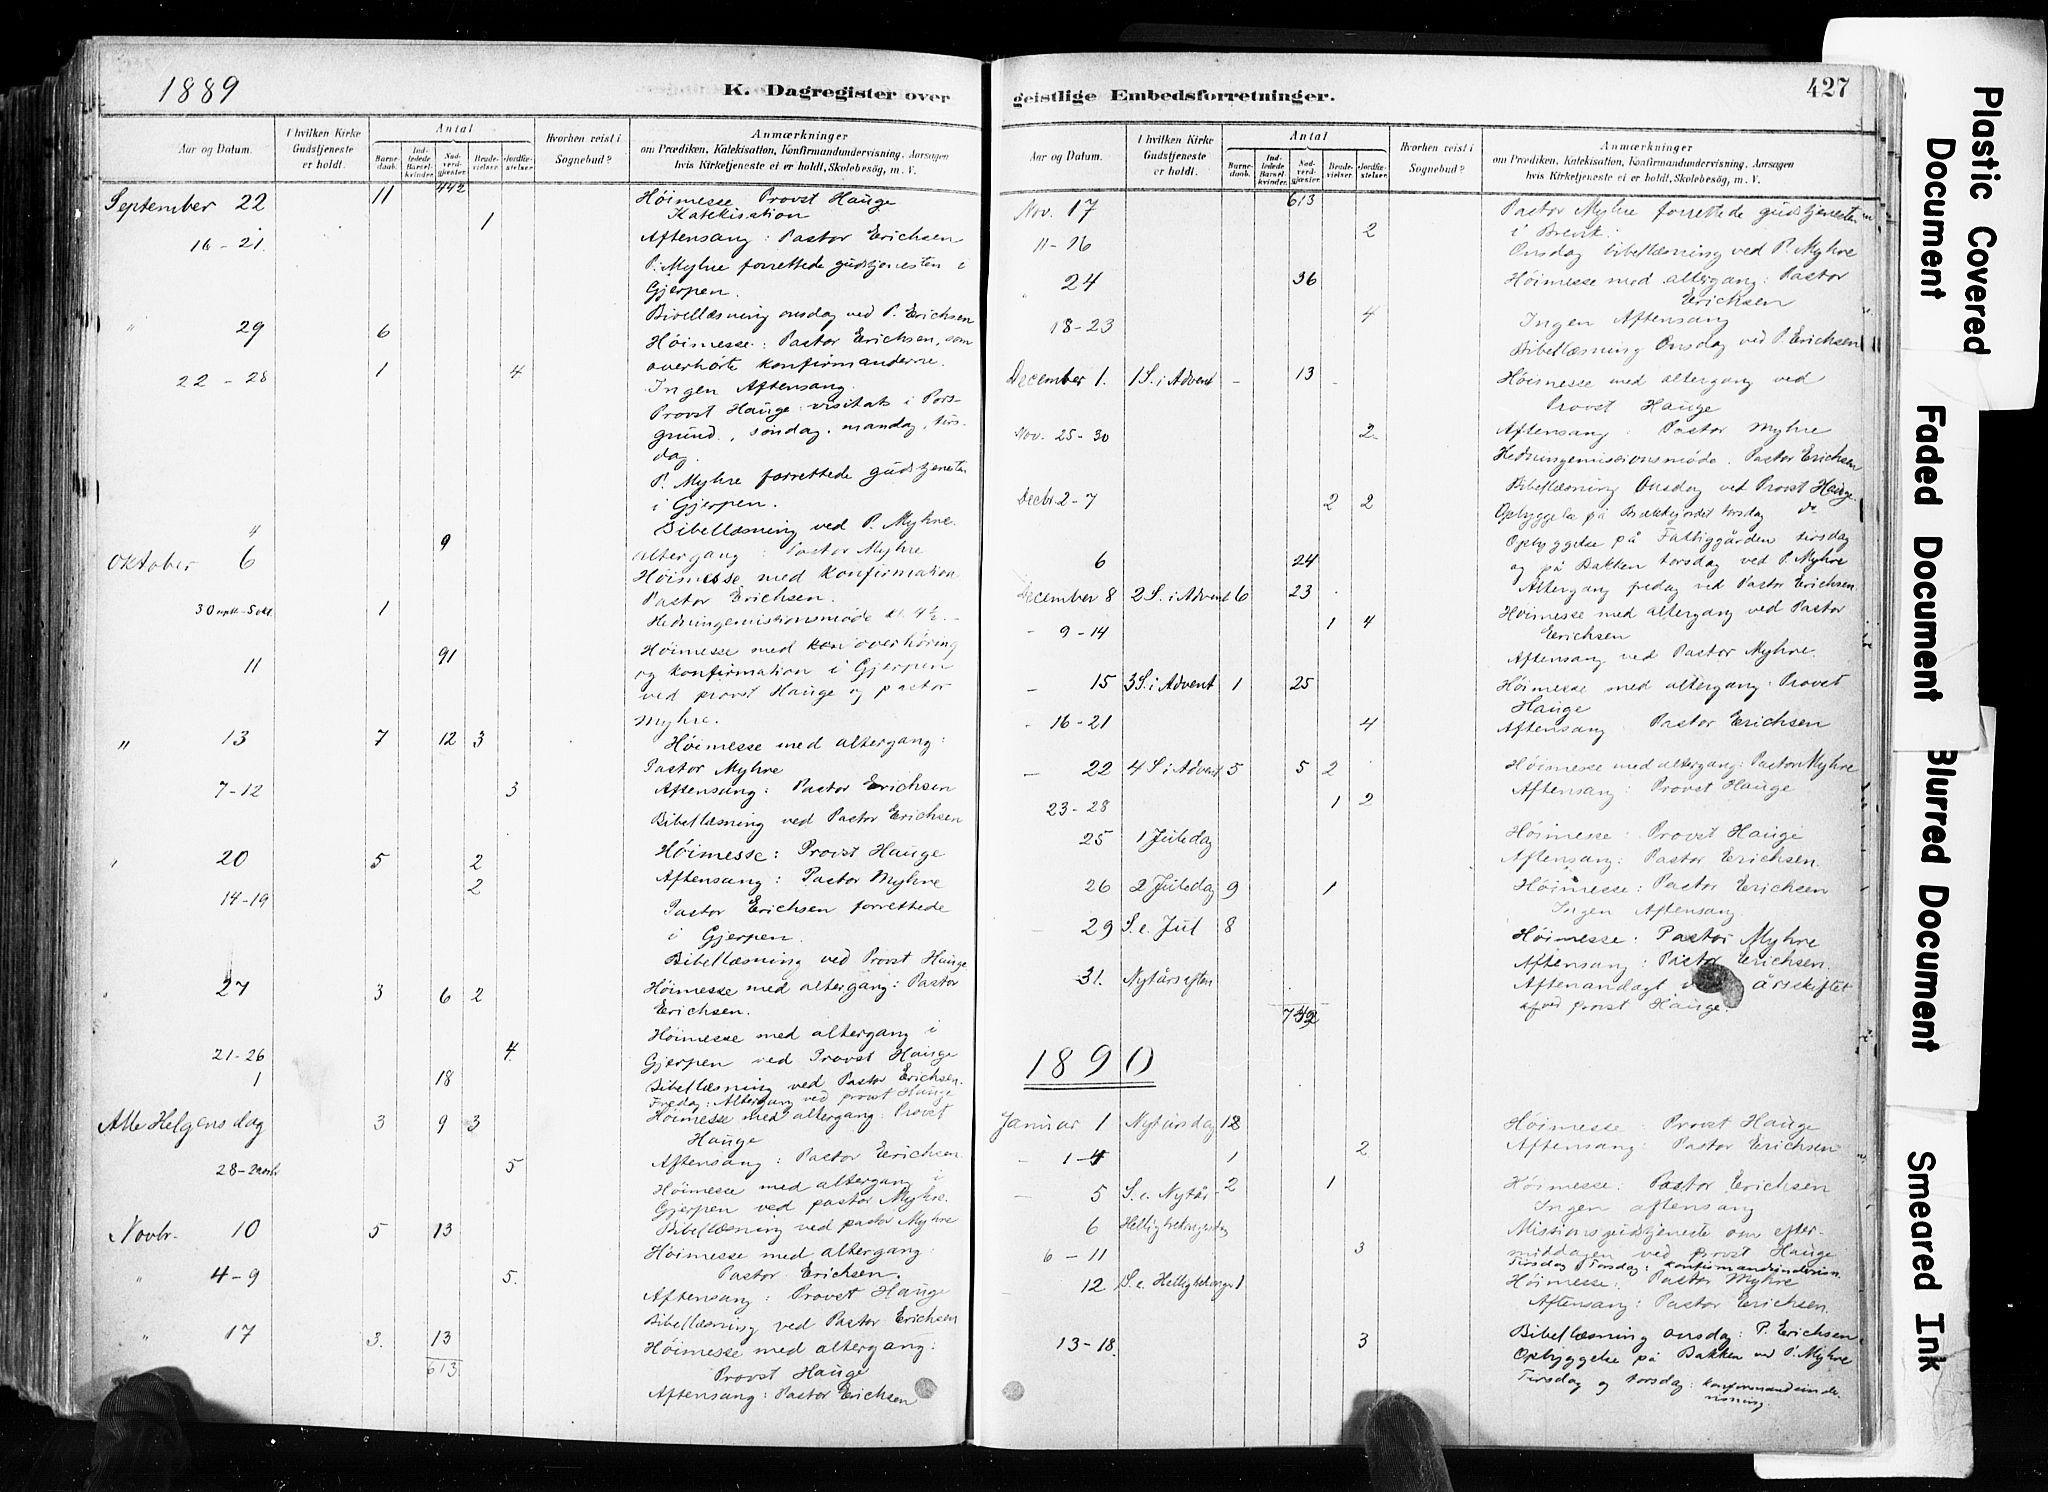 SAKO, Skien kirkebøker, F/Fa/L0009: Ministerialbok nr. 9, 1878-1890, s. 427